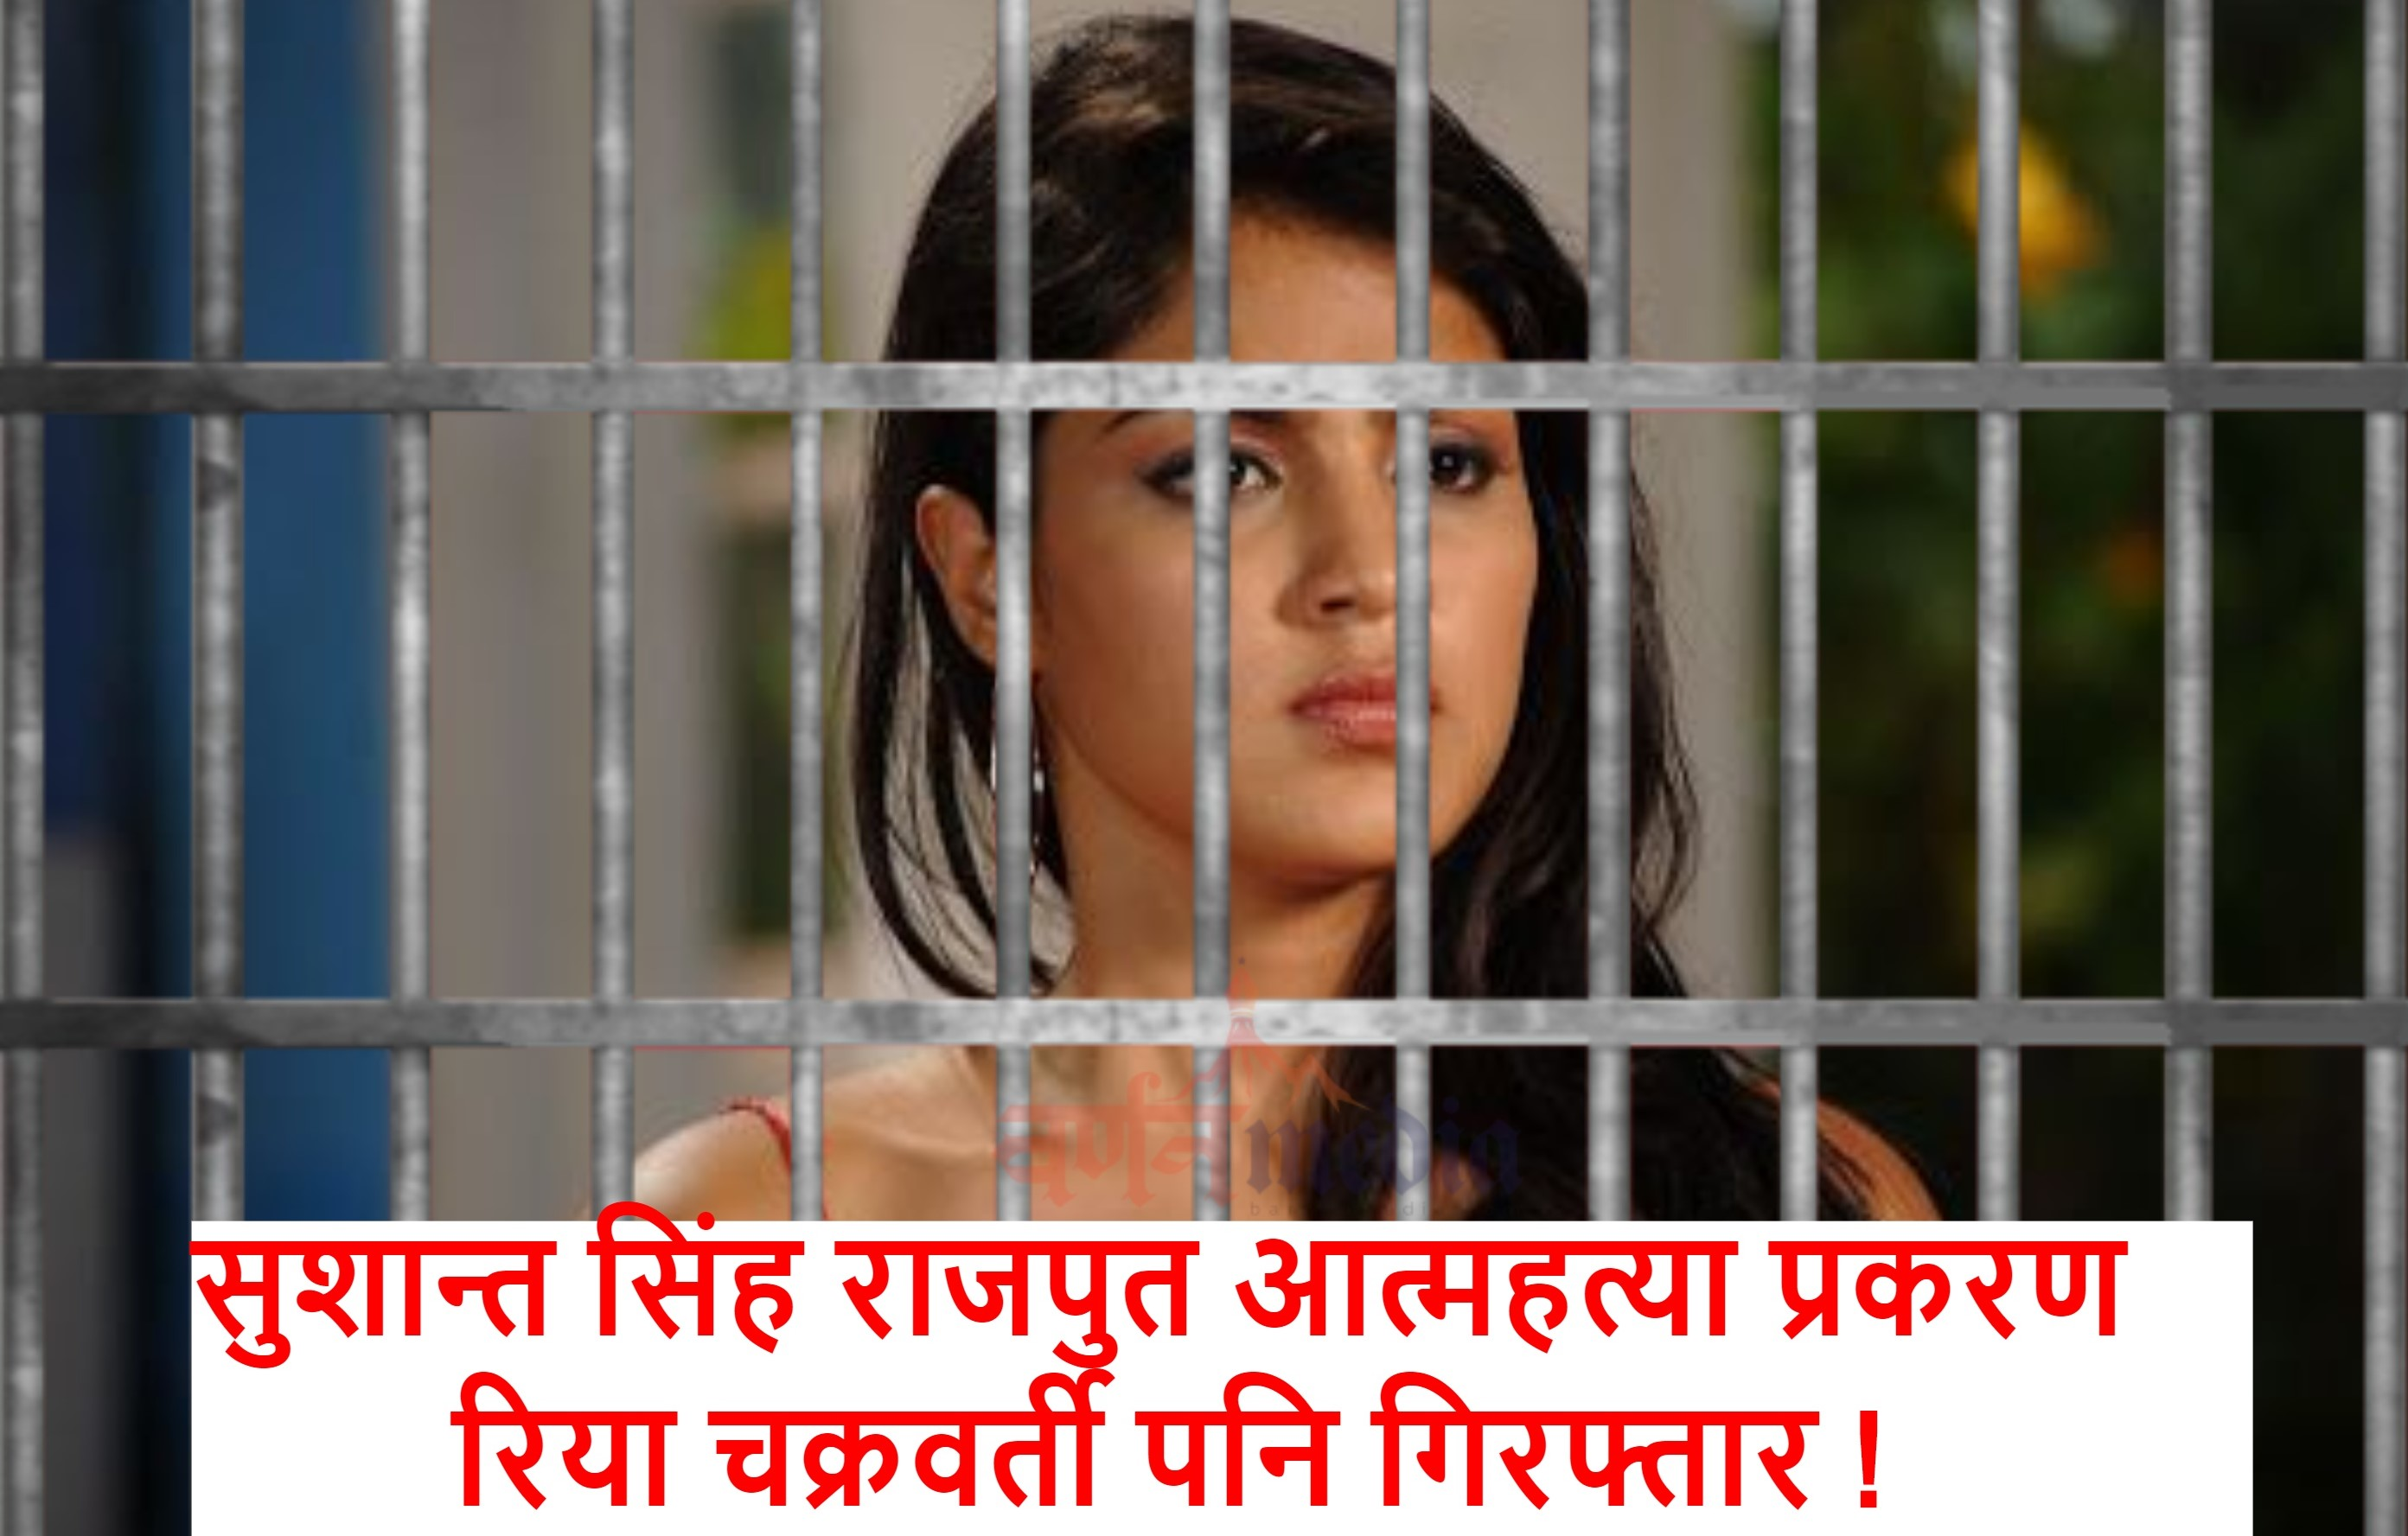 सुशान्त सिंह राजपुत आत्महत्या प्रकरण: रिया चक्रवर्ती  हिरासतमा